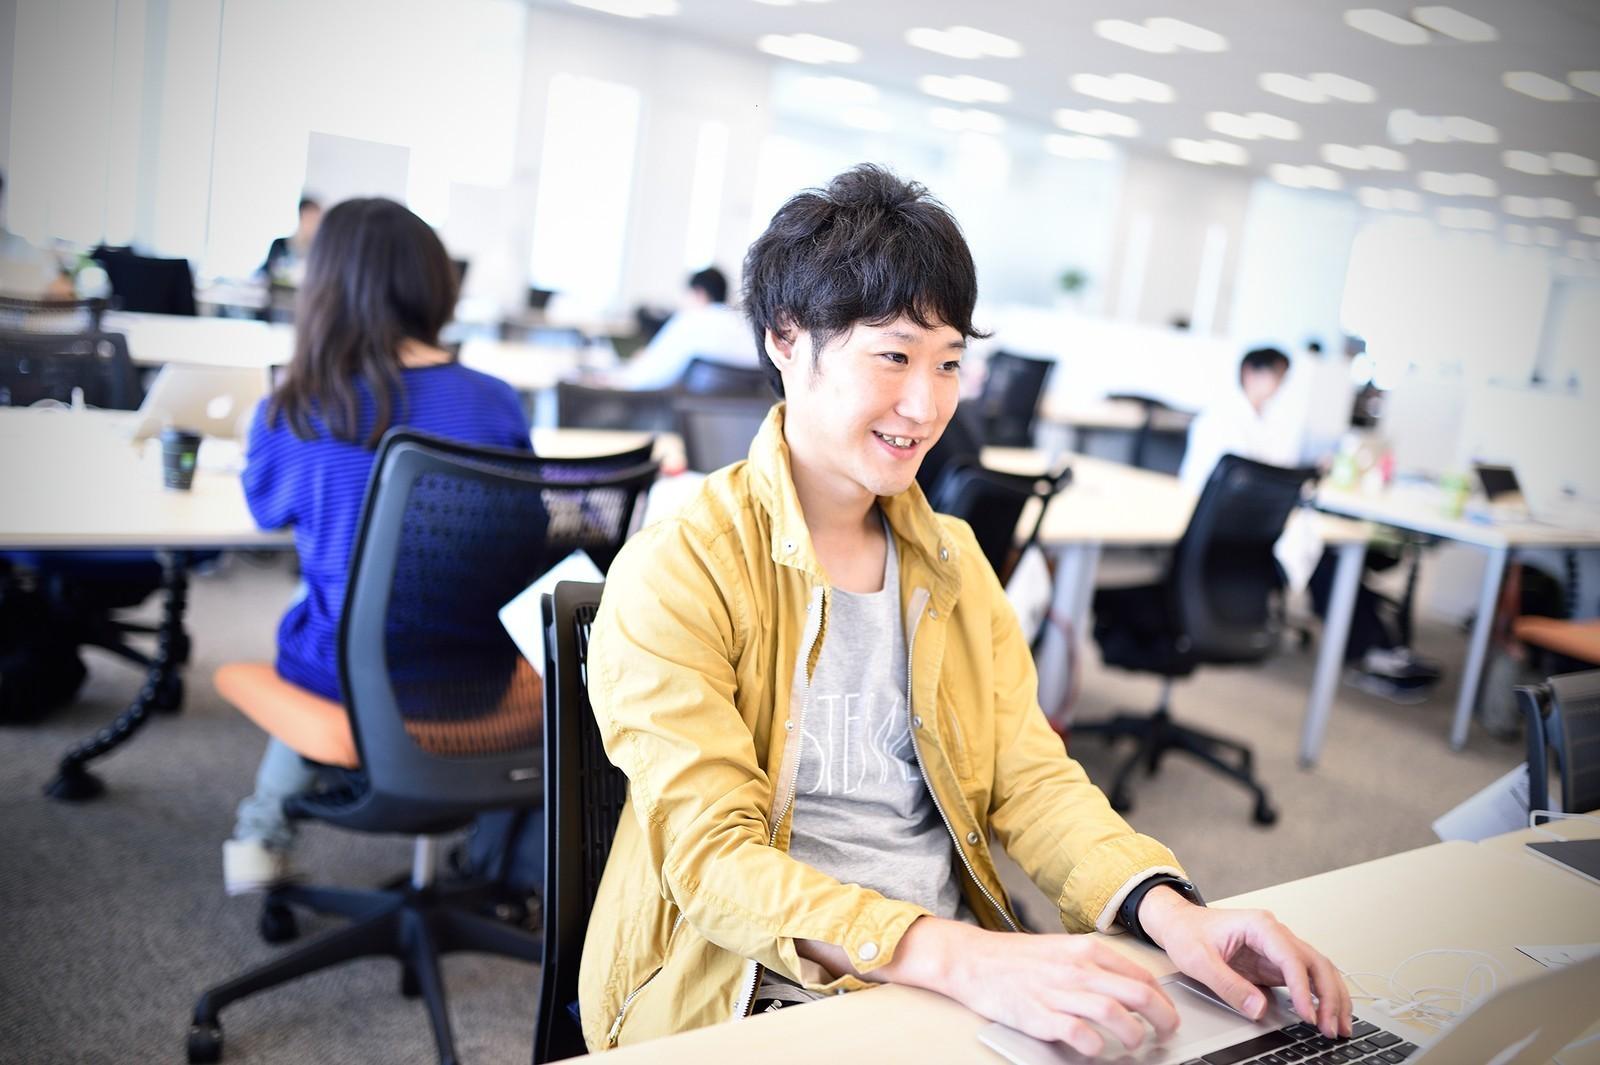 日本発の大手アパレル企業・ファーストリテイリングが「UNIQLO」「GU」の業務改革を推進するリードエンジニアを募集!